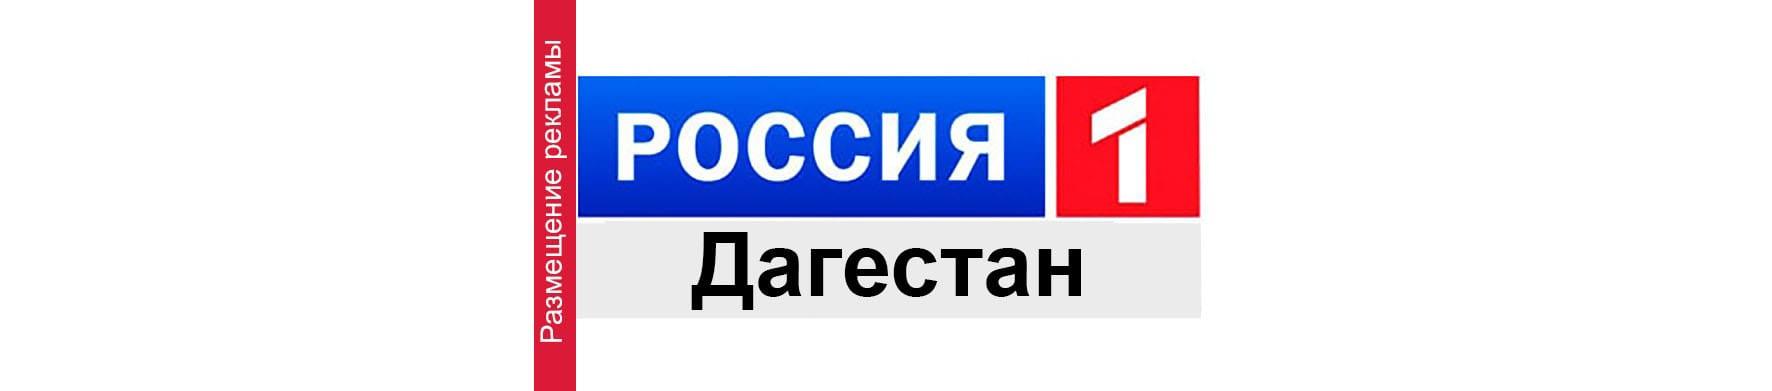 Реклама на телевидении в Дагестане Россия 1